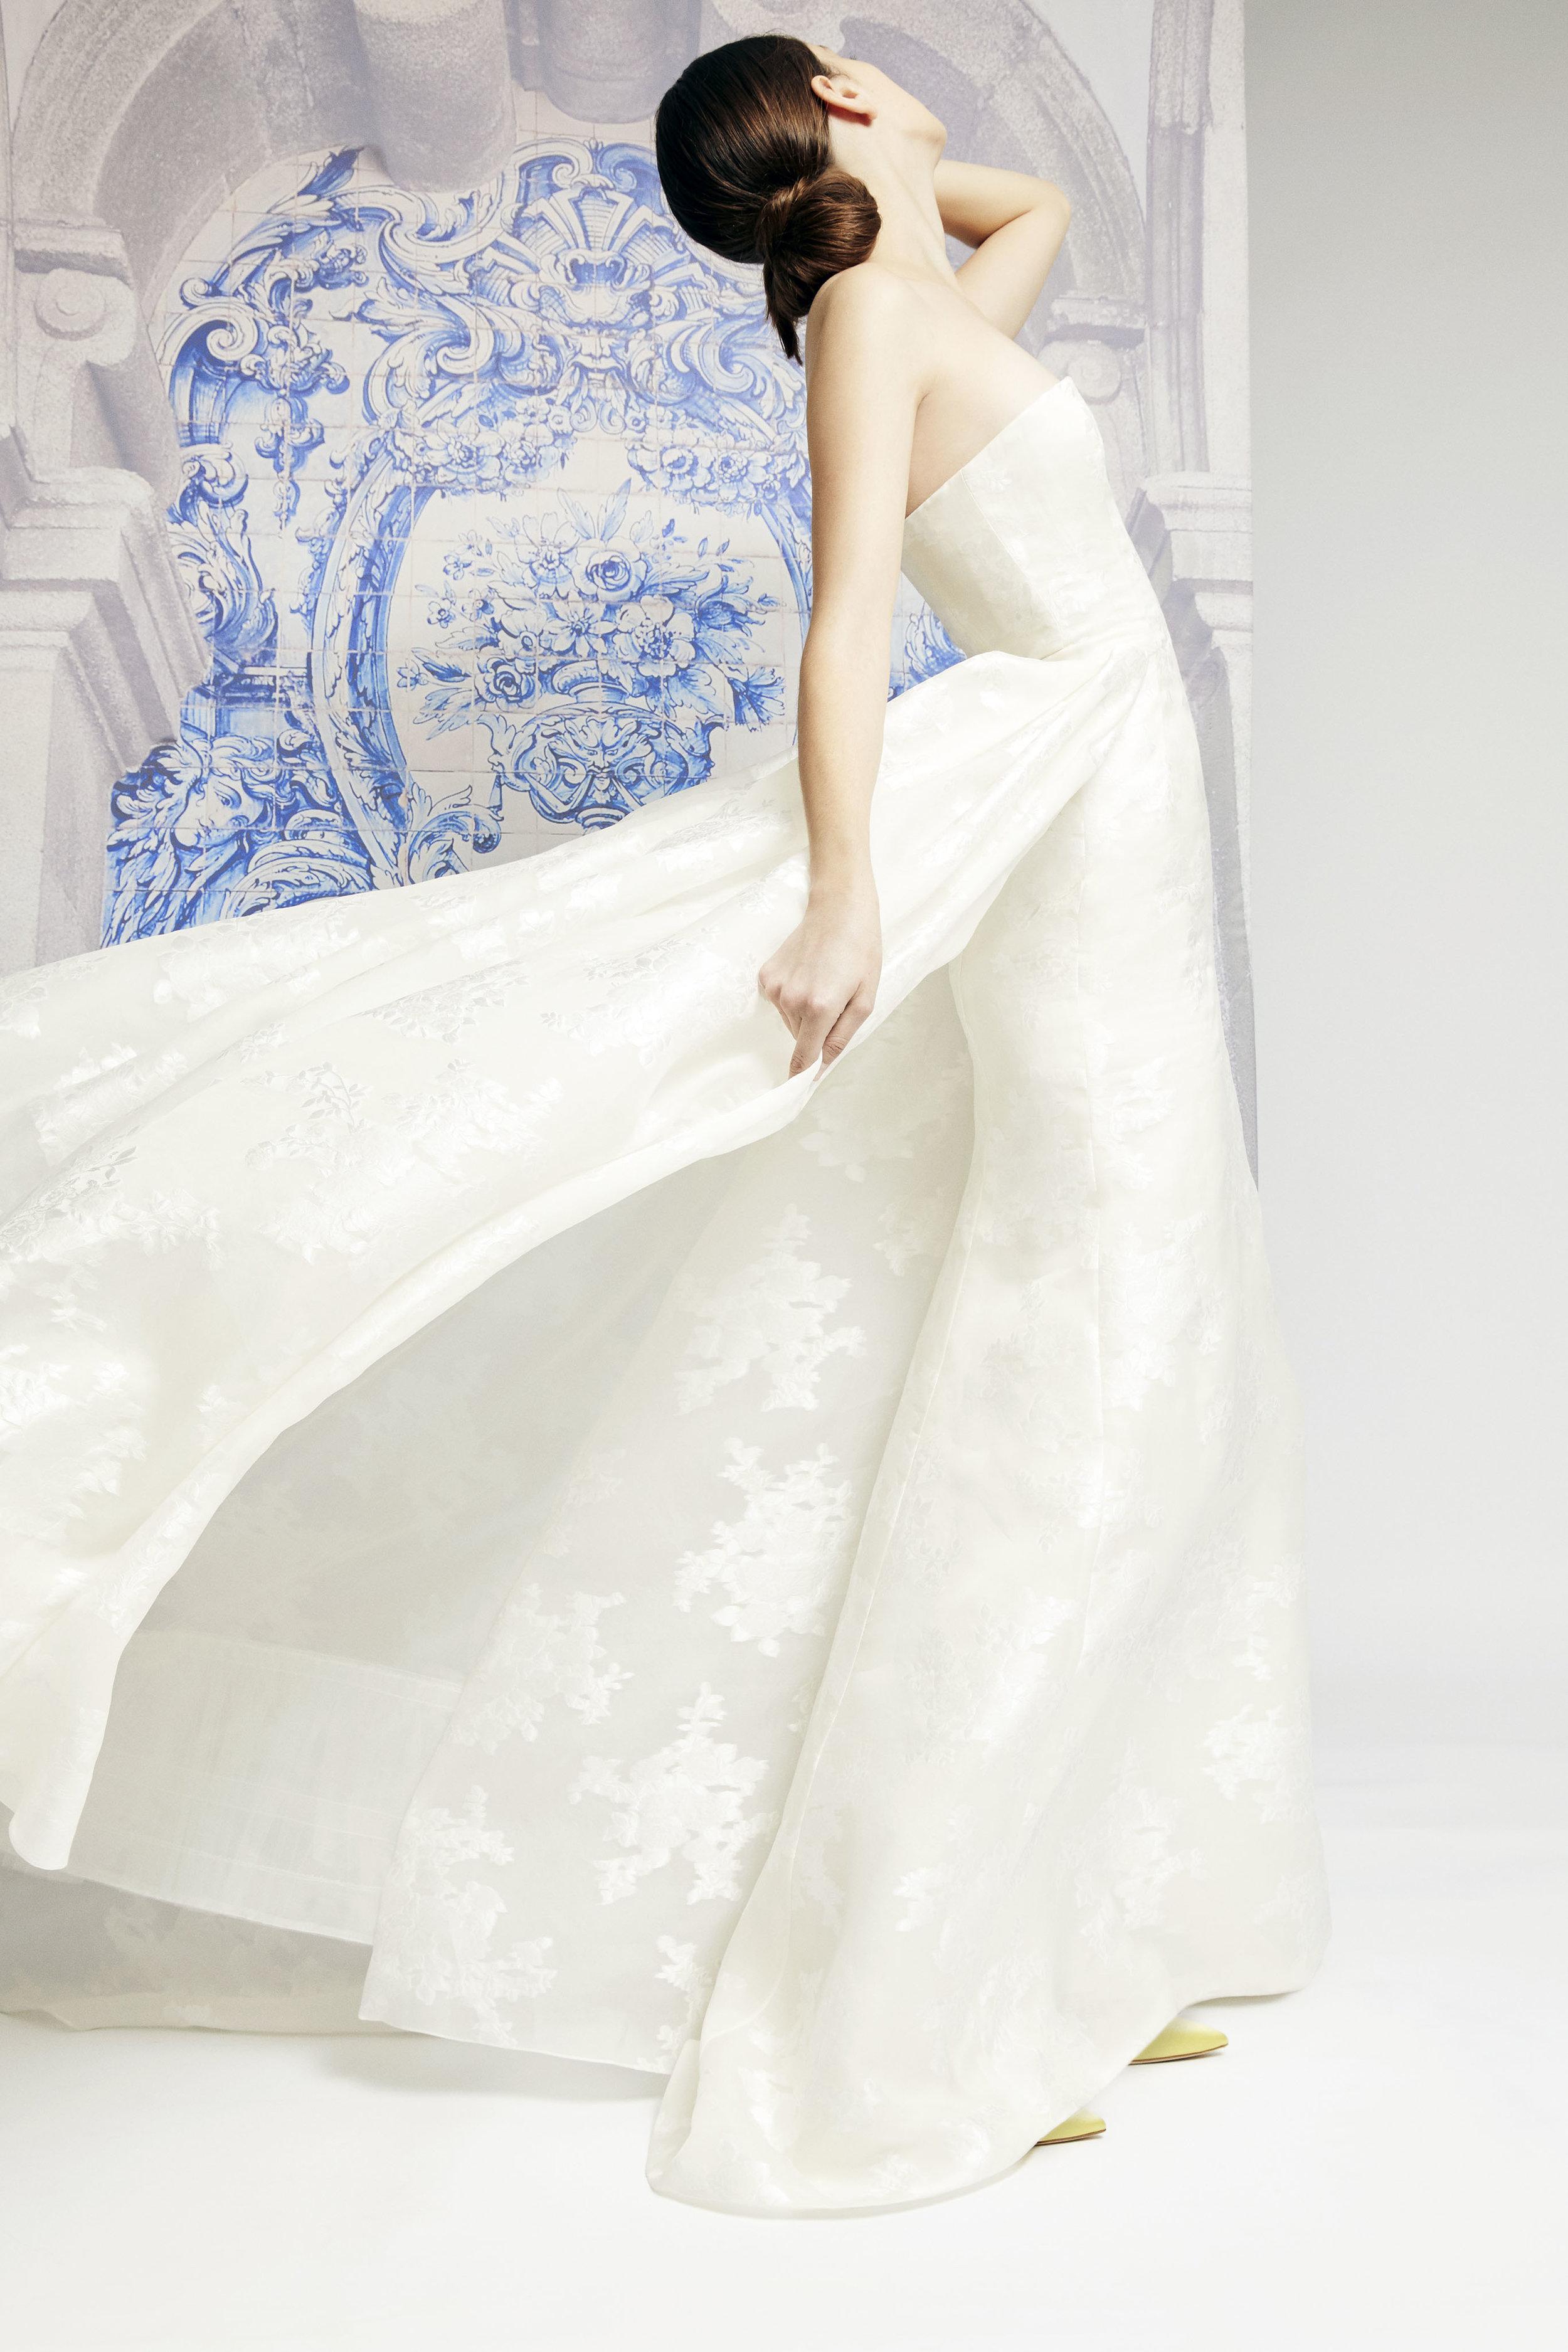 1_CHNY_F19_Bridal_Irina_F1921N710FBF.jpg